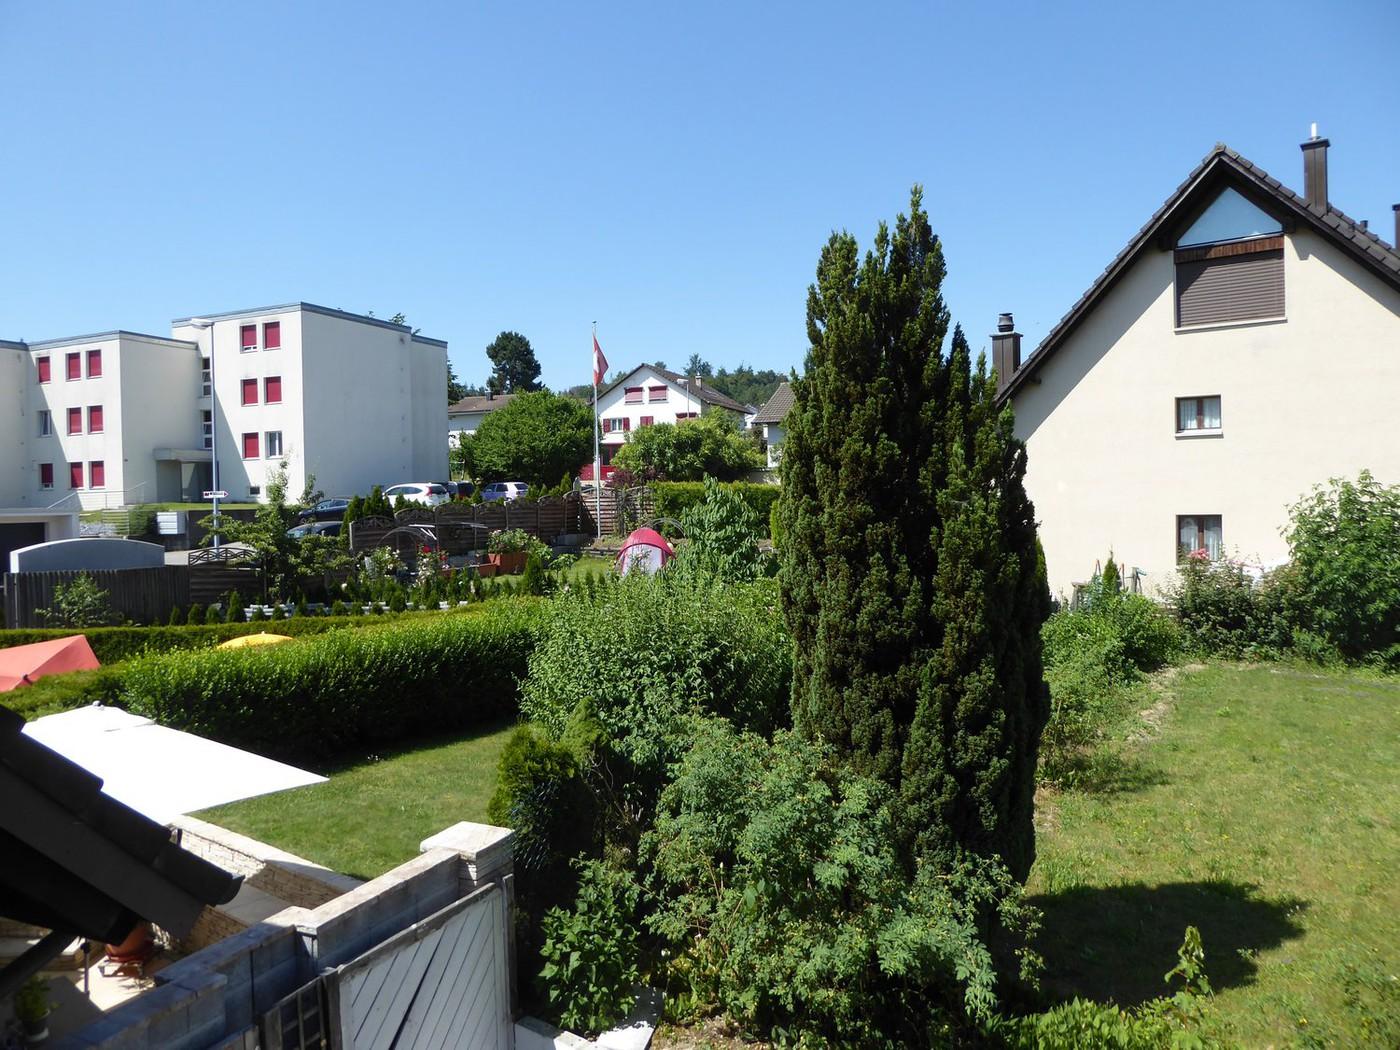 Striegelstrasse 33, 5745 Safenwil - 3.5 Zimmer, 77m